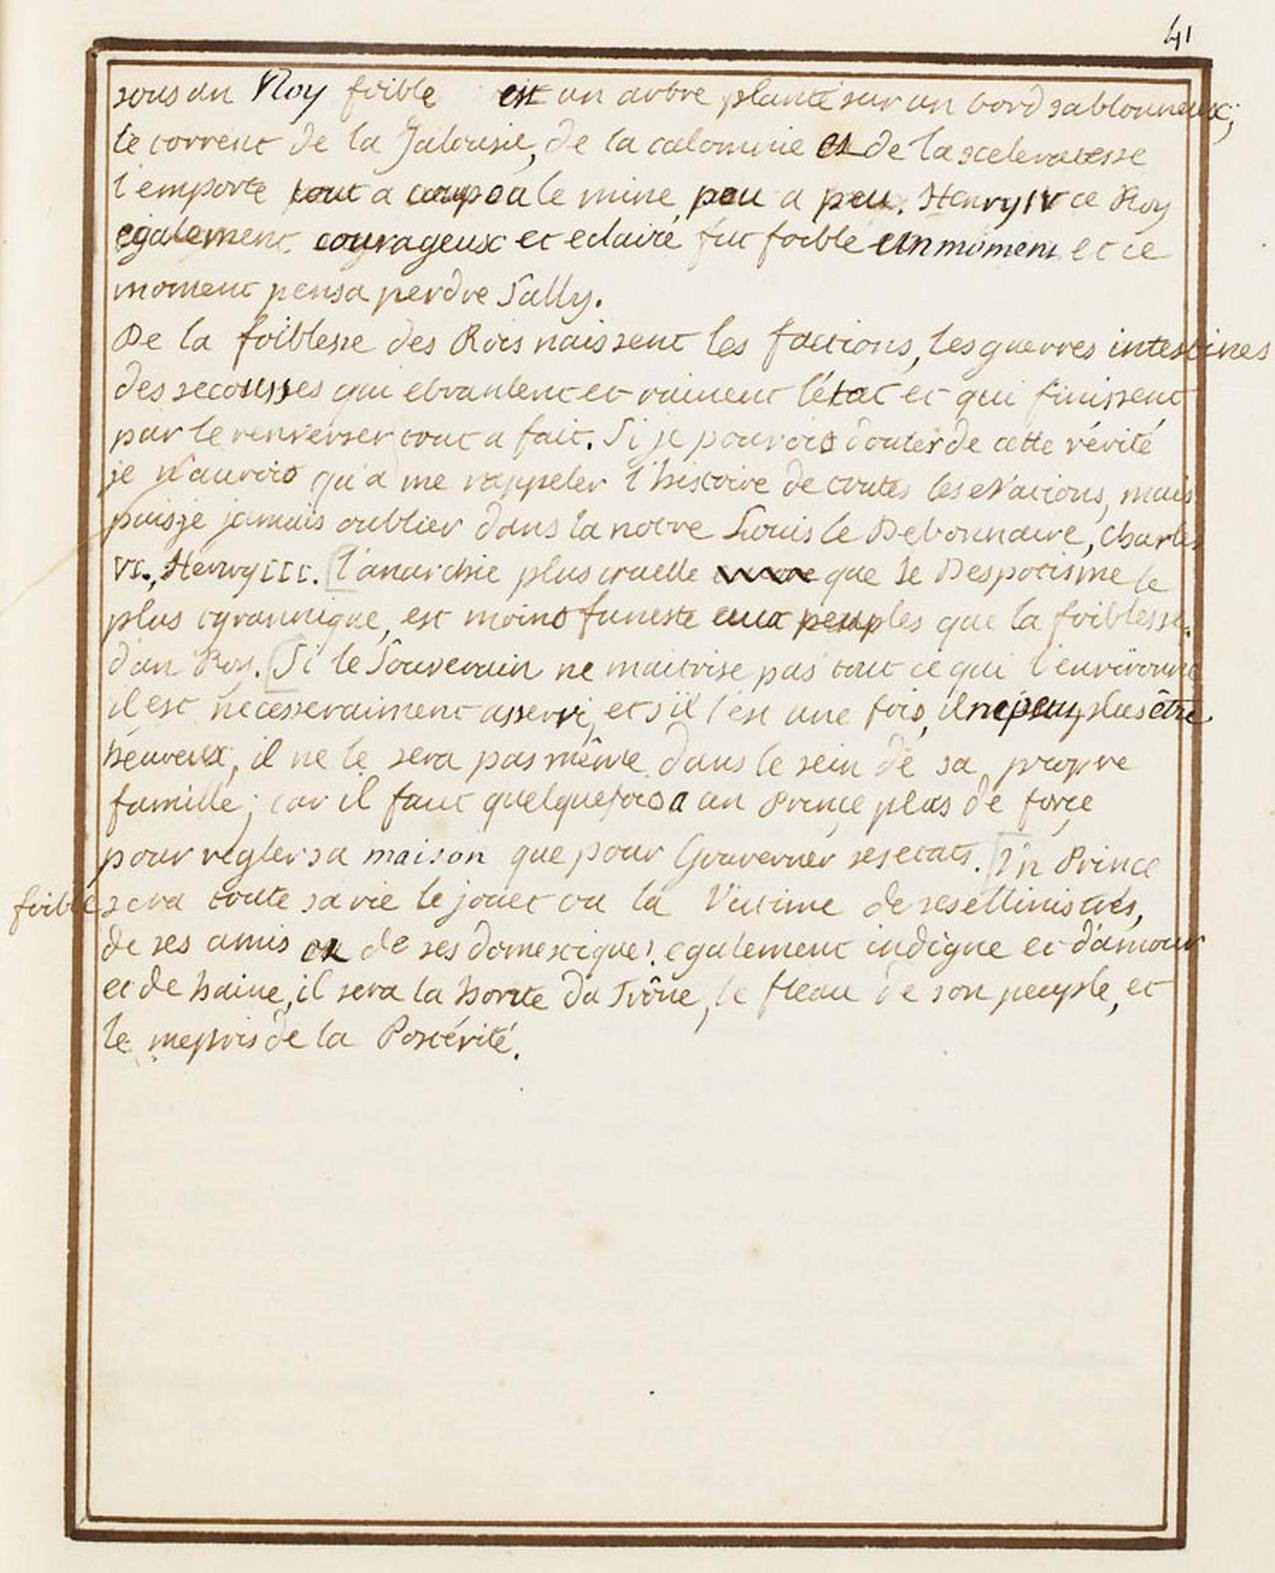 Le Journal du roi Louis XVI et ses Reflexions sur ses entretiens avec Mr le Duc de la Vauguyon Dafanc40